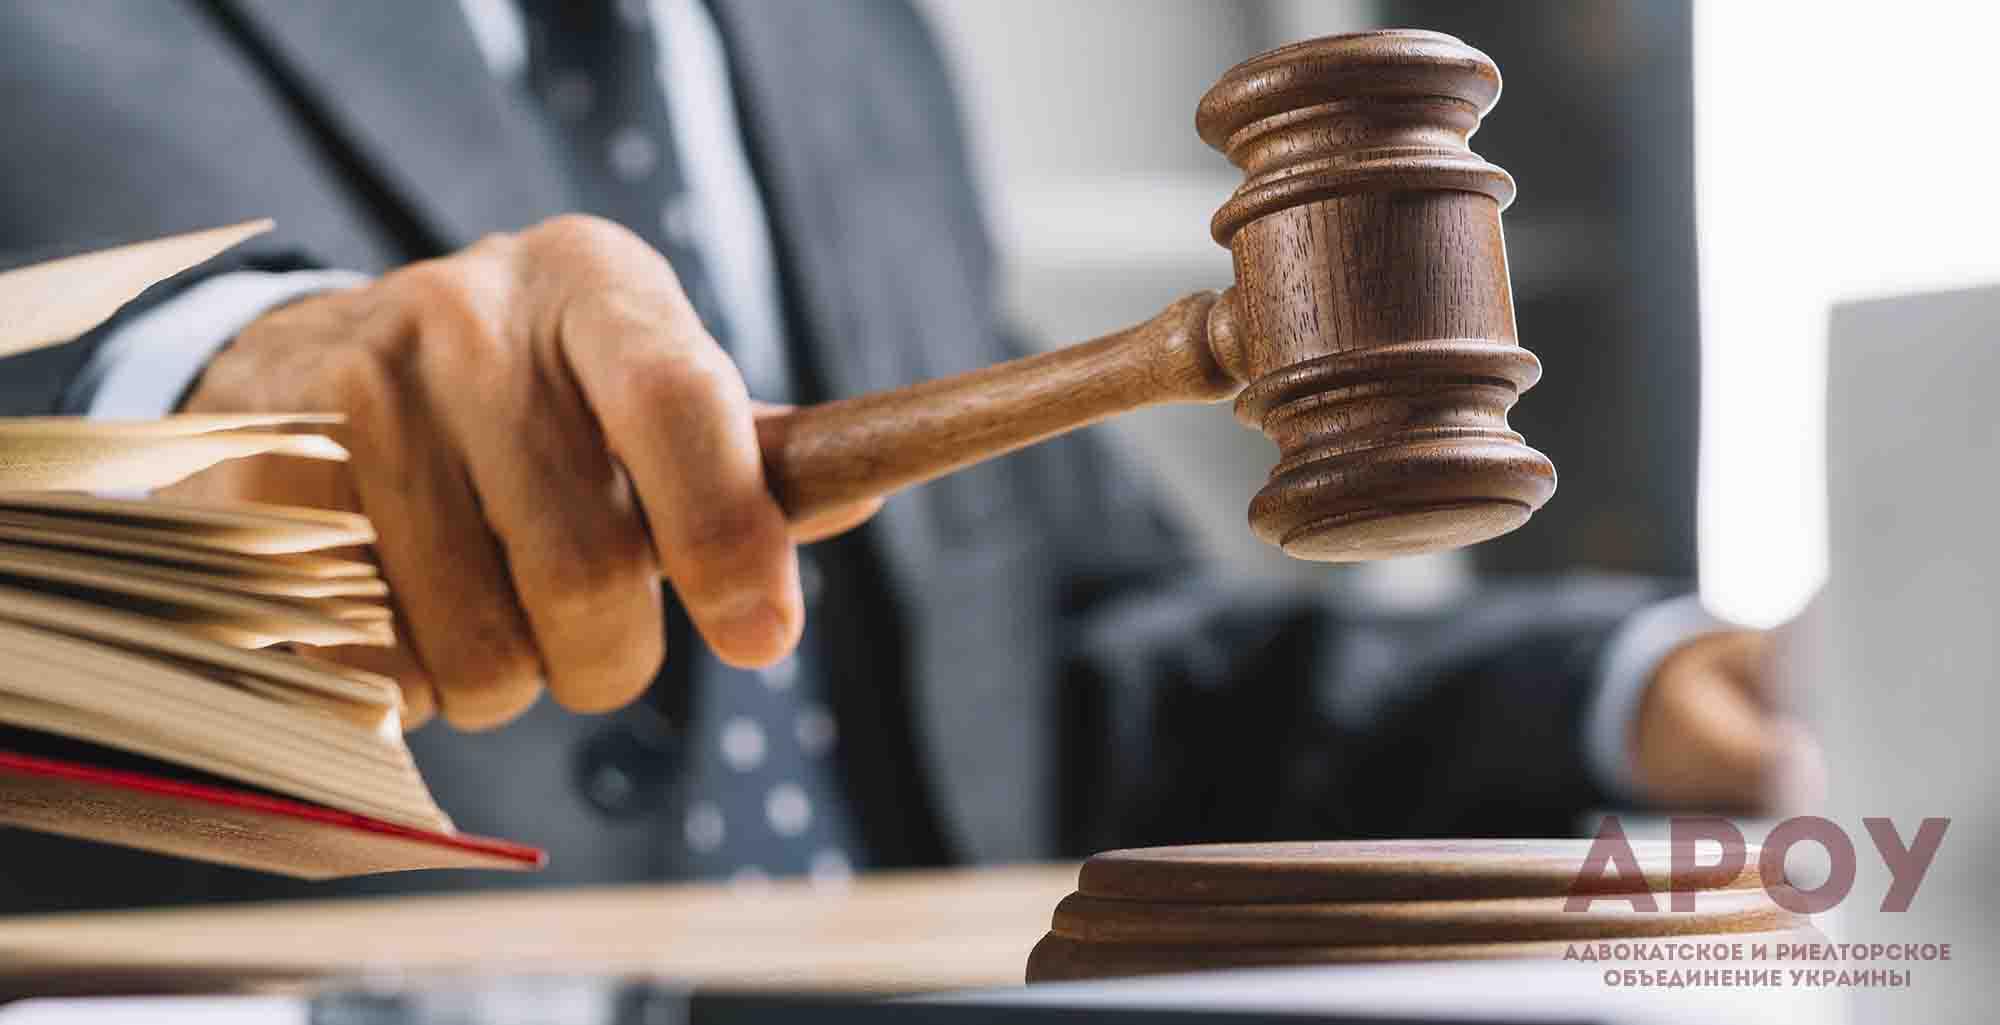 адвокат по коррупционным делам, административная ответственность за коррупционные правонарушения, обжаловать 172 купап